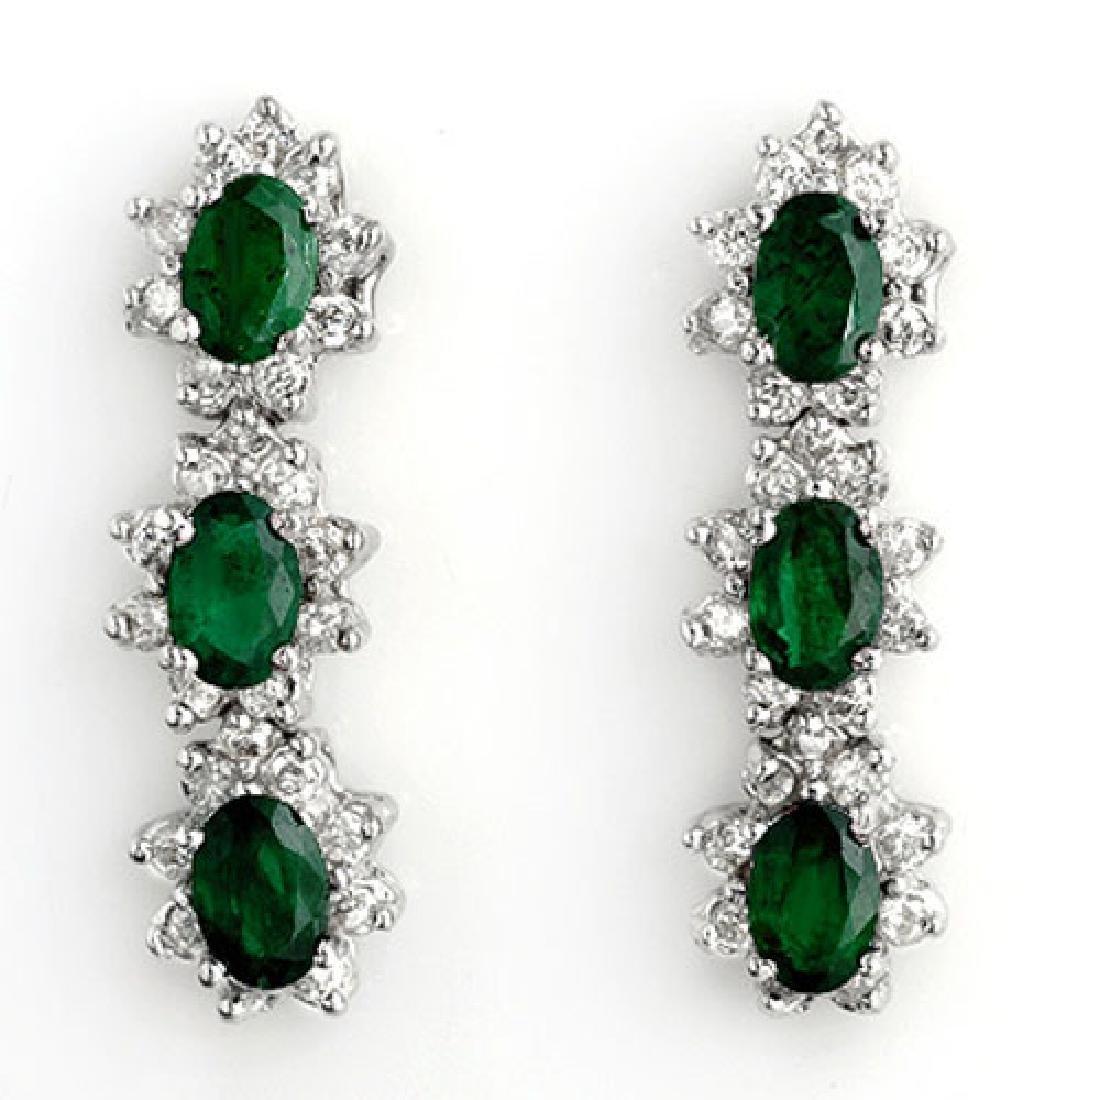 4.88 CTW Emerald & Diamond Earrings 14K White Gold